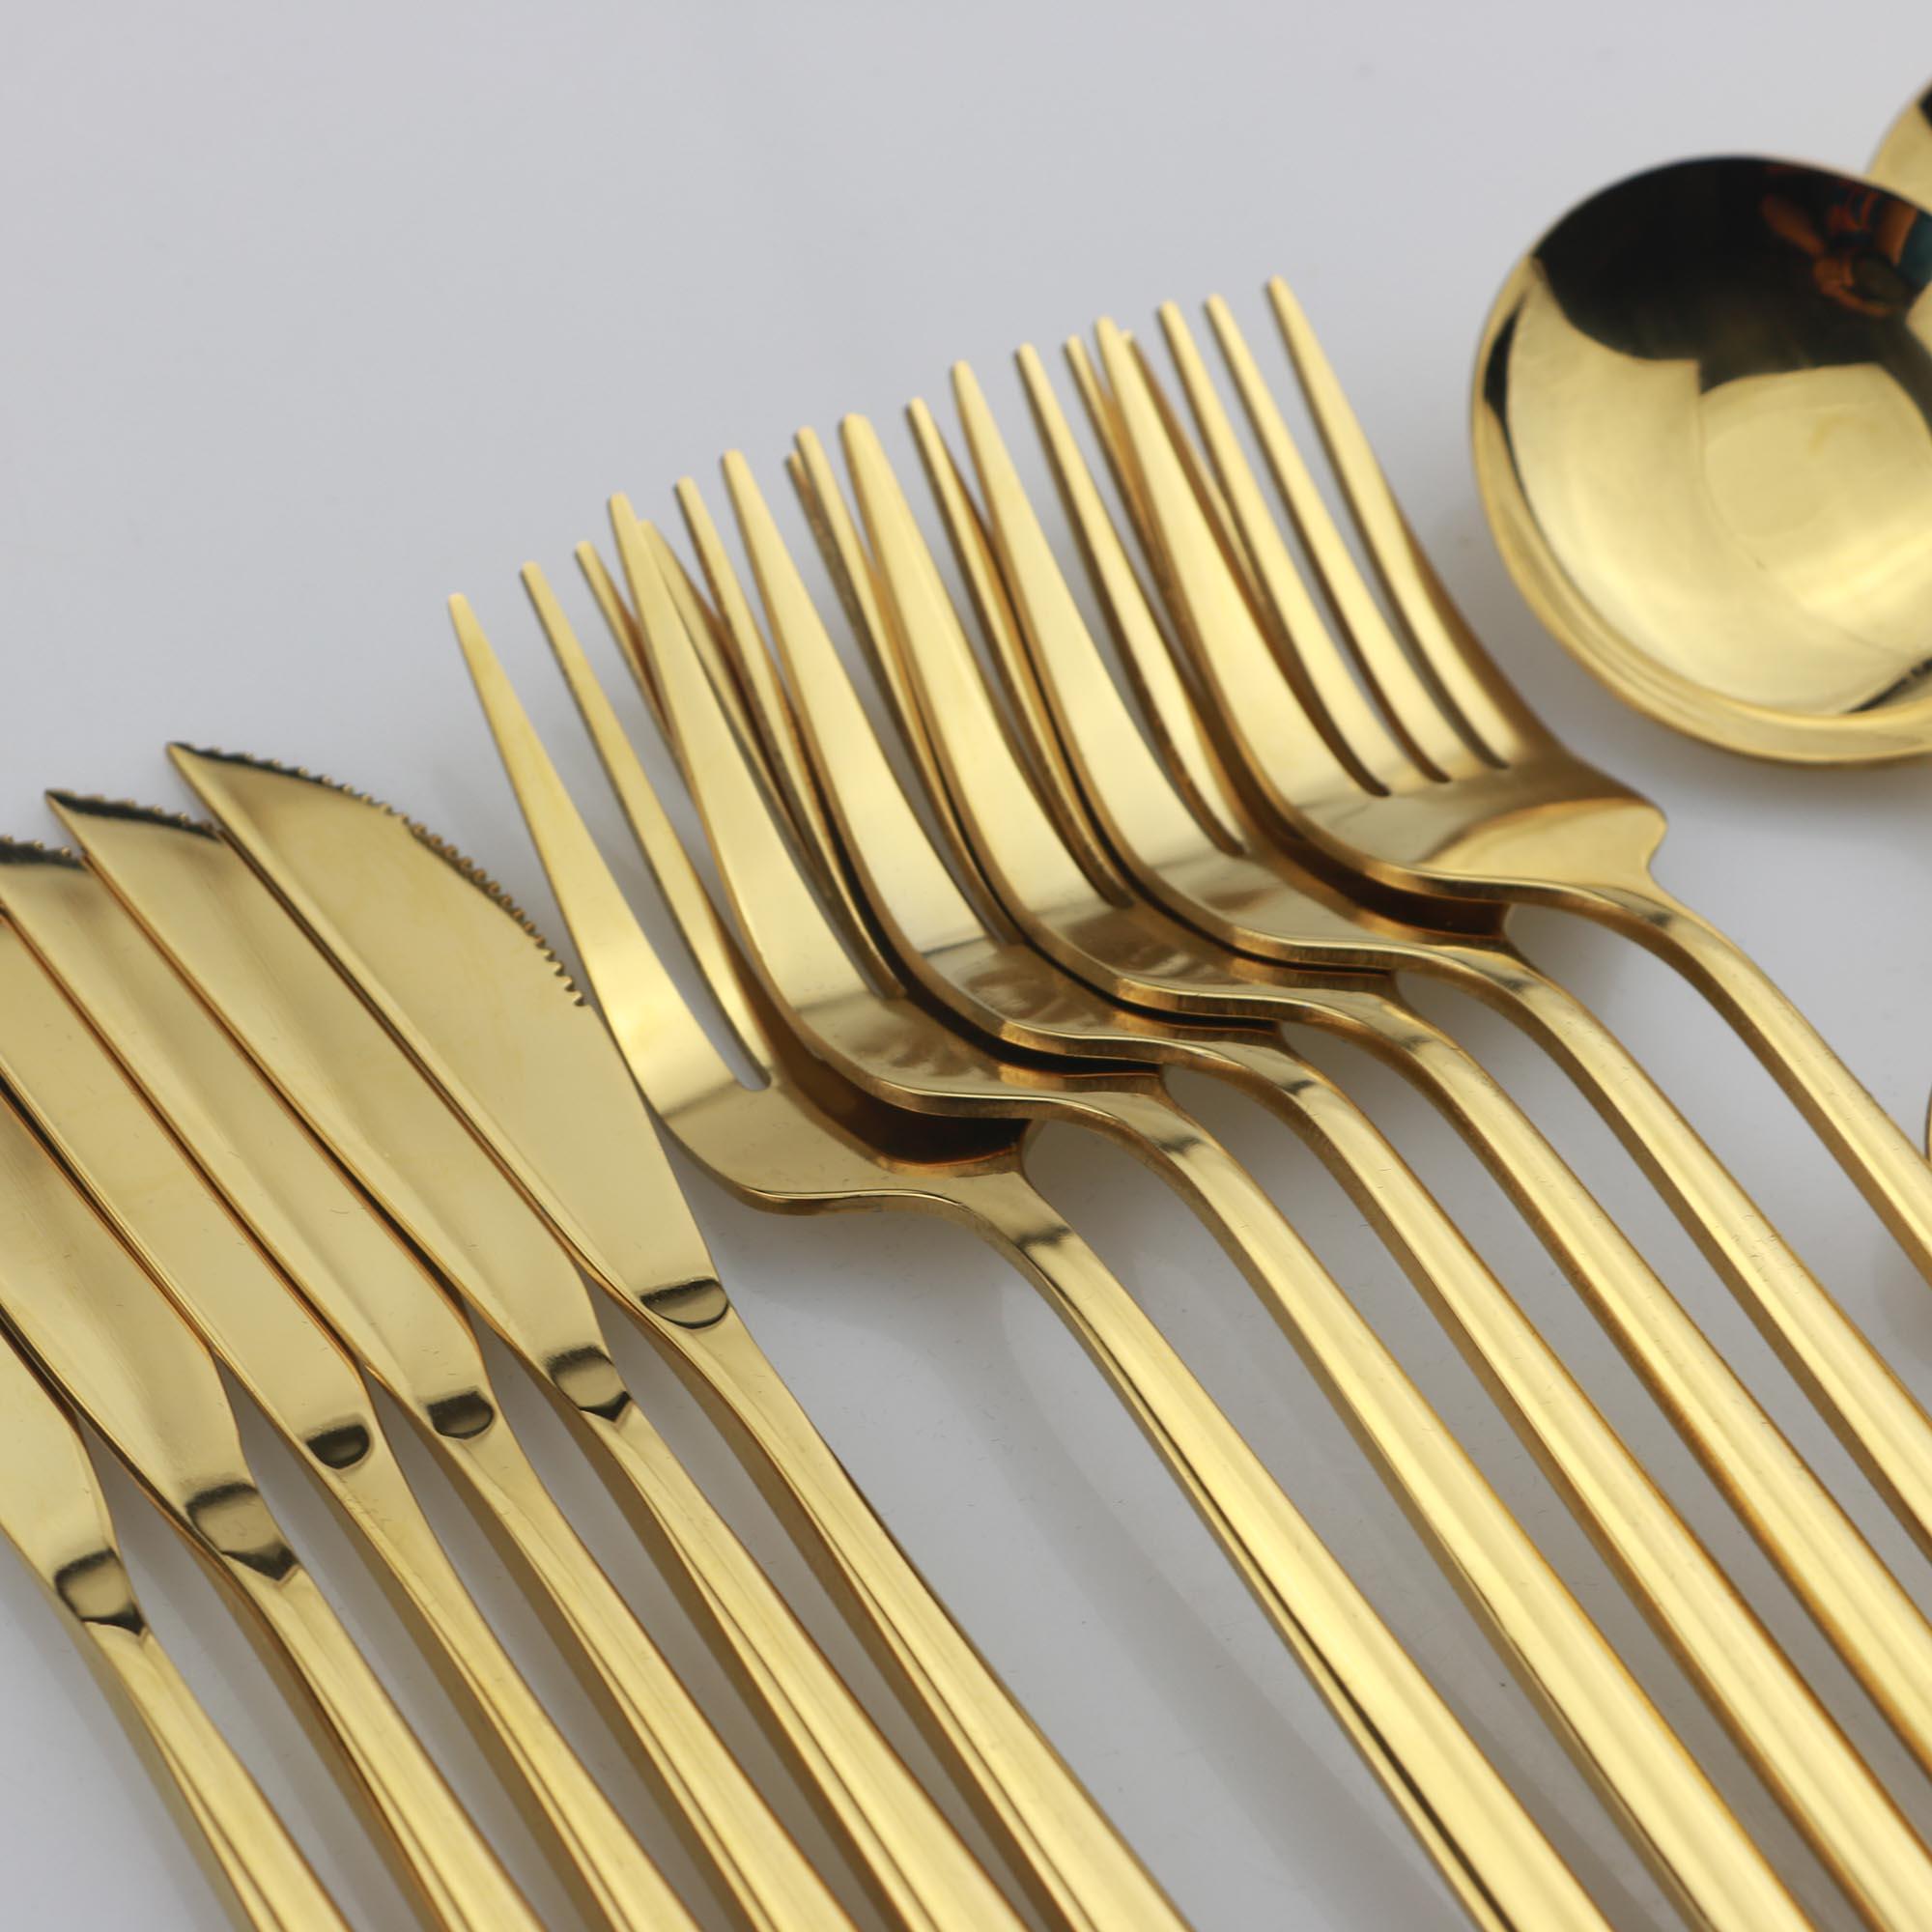 Or Vaisselle Miroir Couverts Ensemble Vaisselle Ensemble 304 Vaisselle En Acier Inoxydable Argenterie Occidentale Cuisine Couteau Cuillère Fourchette Dîner Ensemble